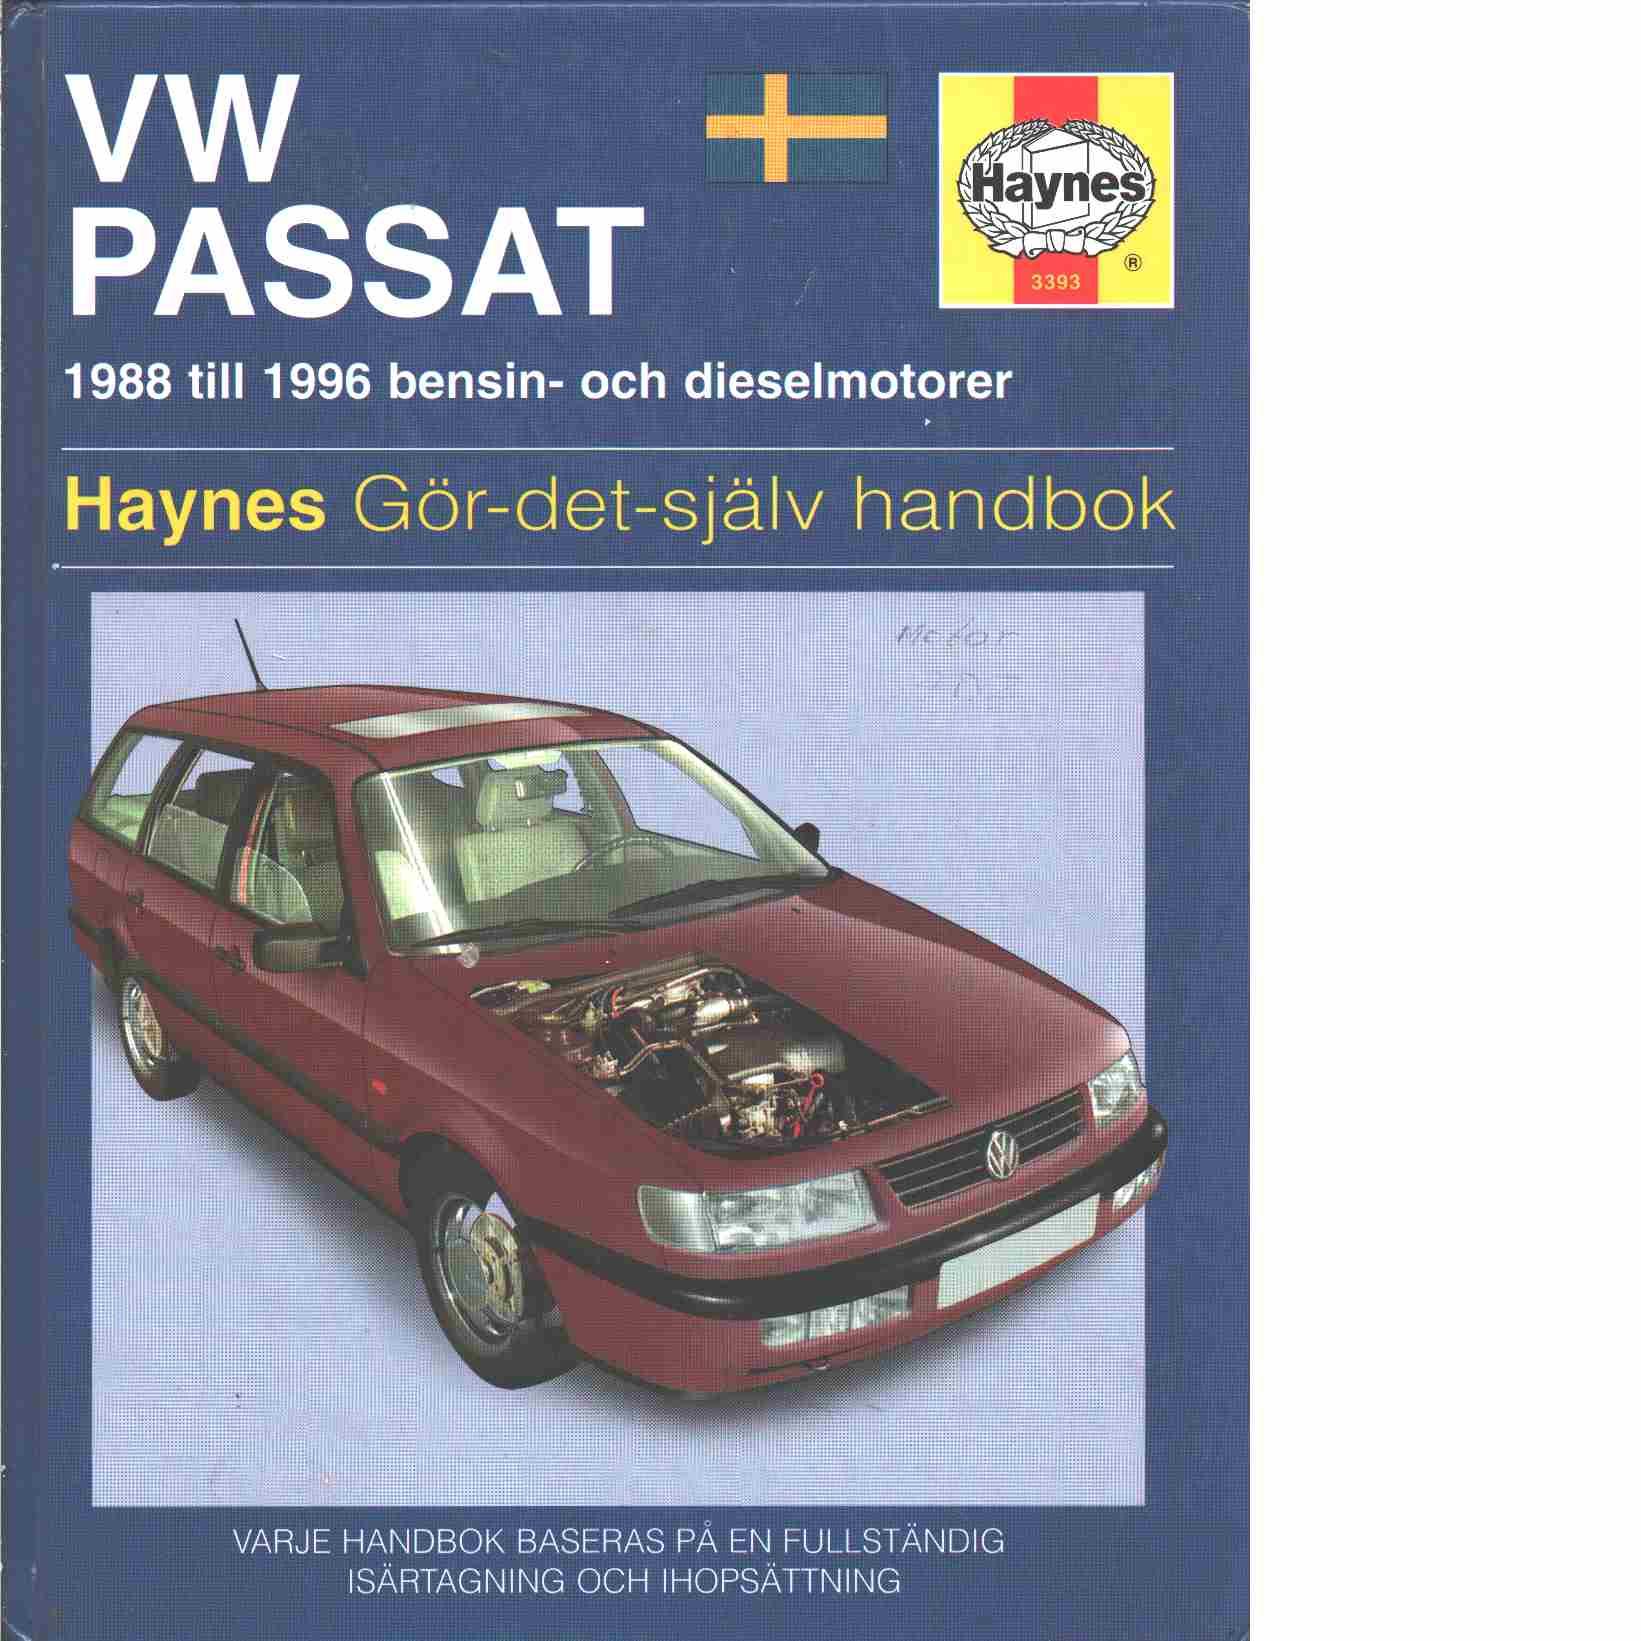 VW Passat : [1988 till 1996 bensin- och dieselmotorer] - Jex, R. M.  och Coomber, I. M.